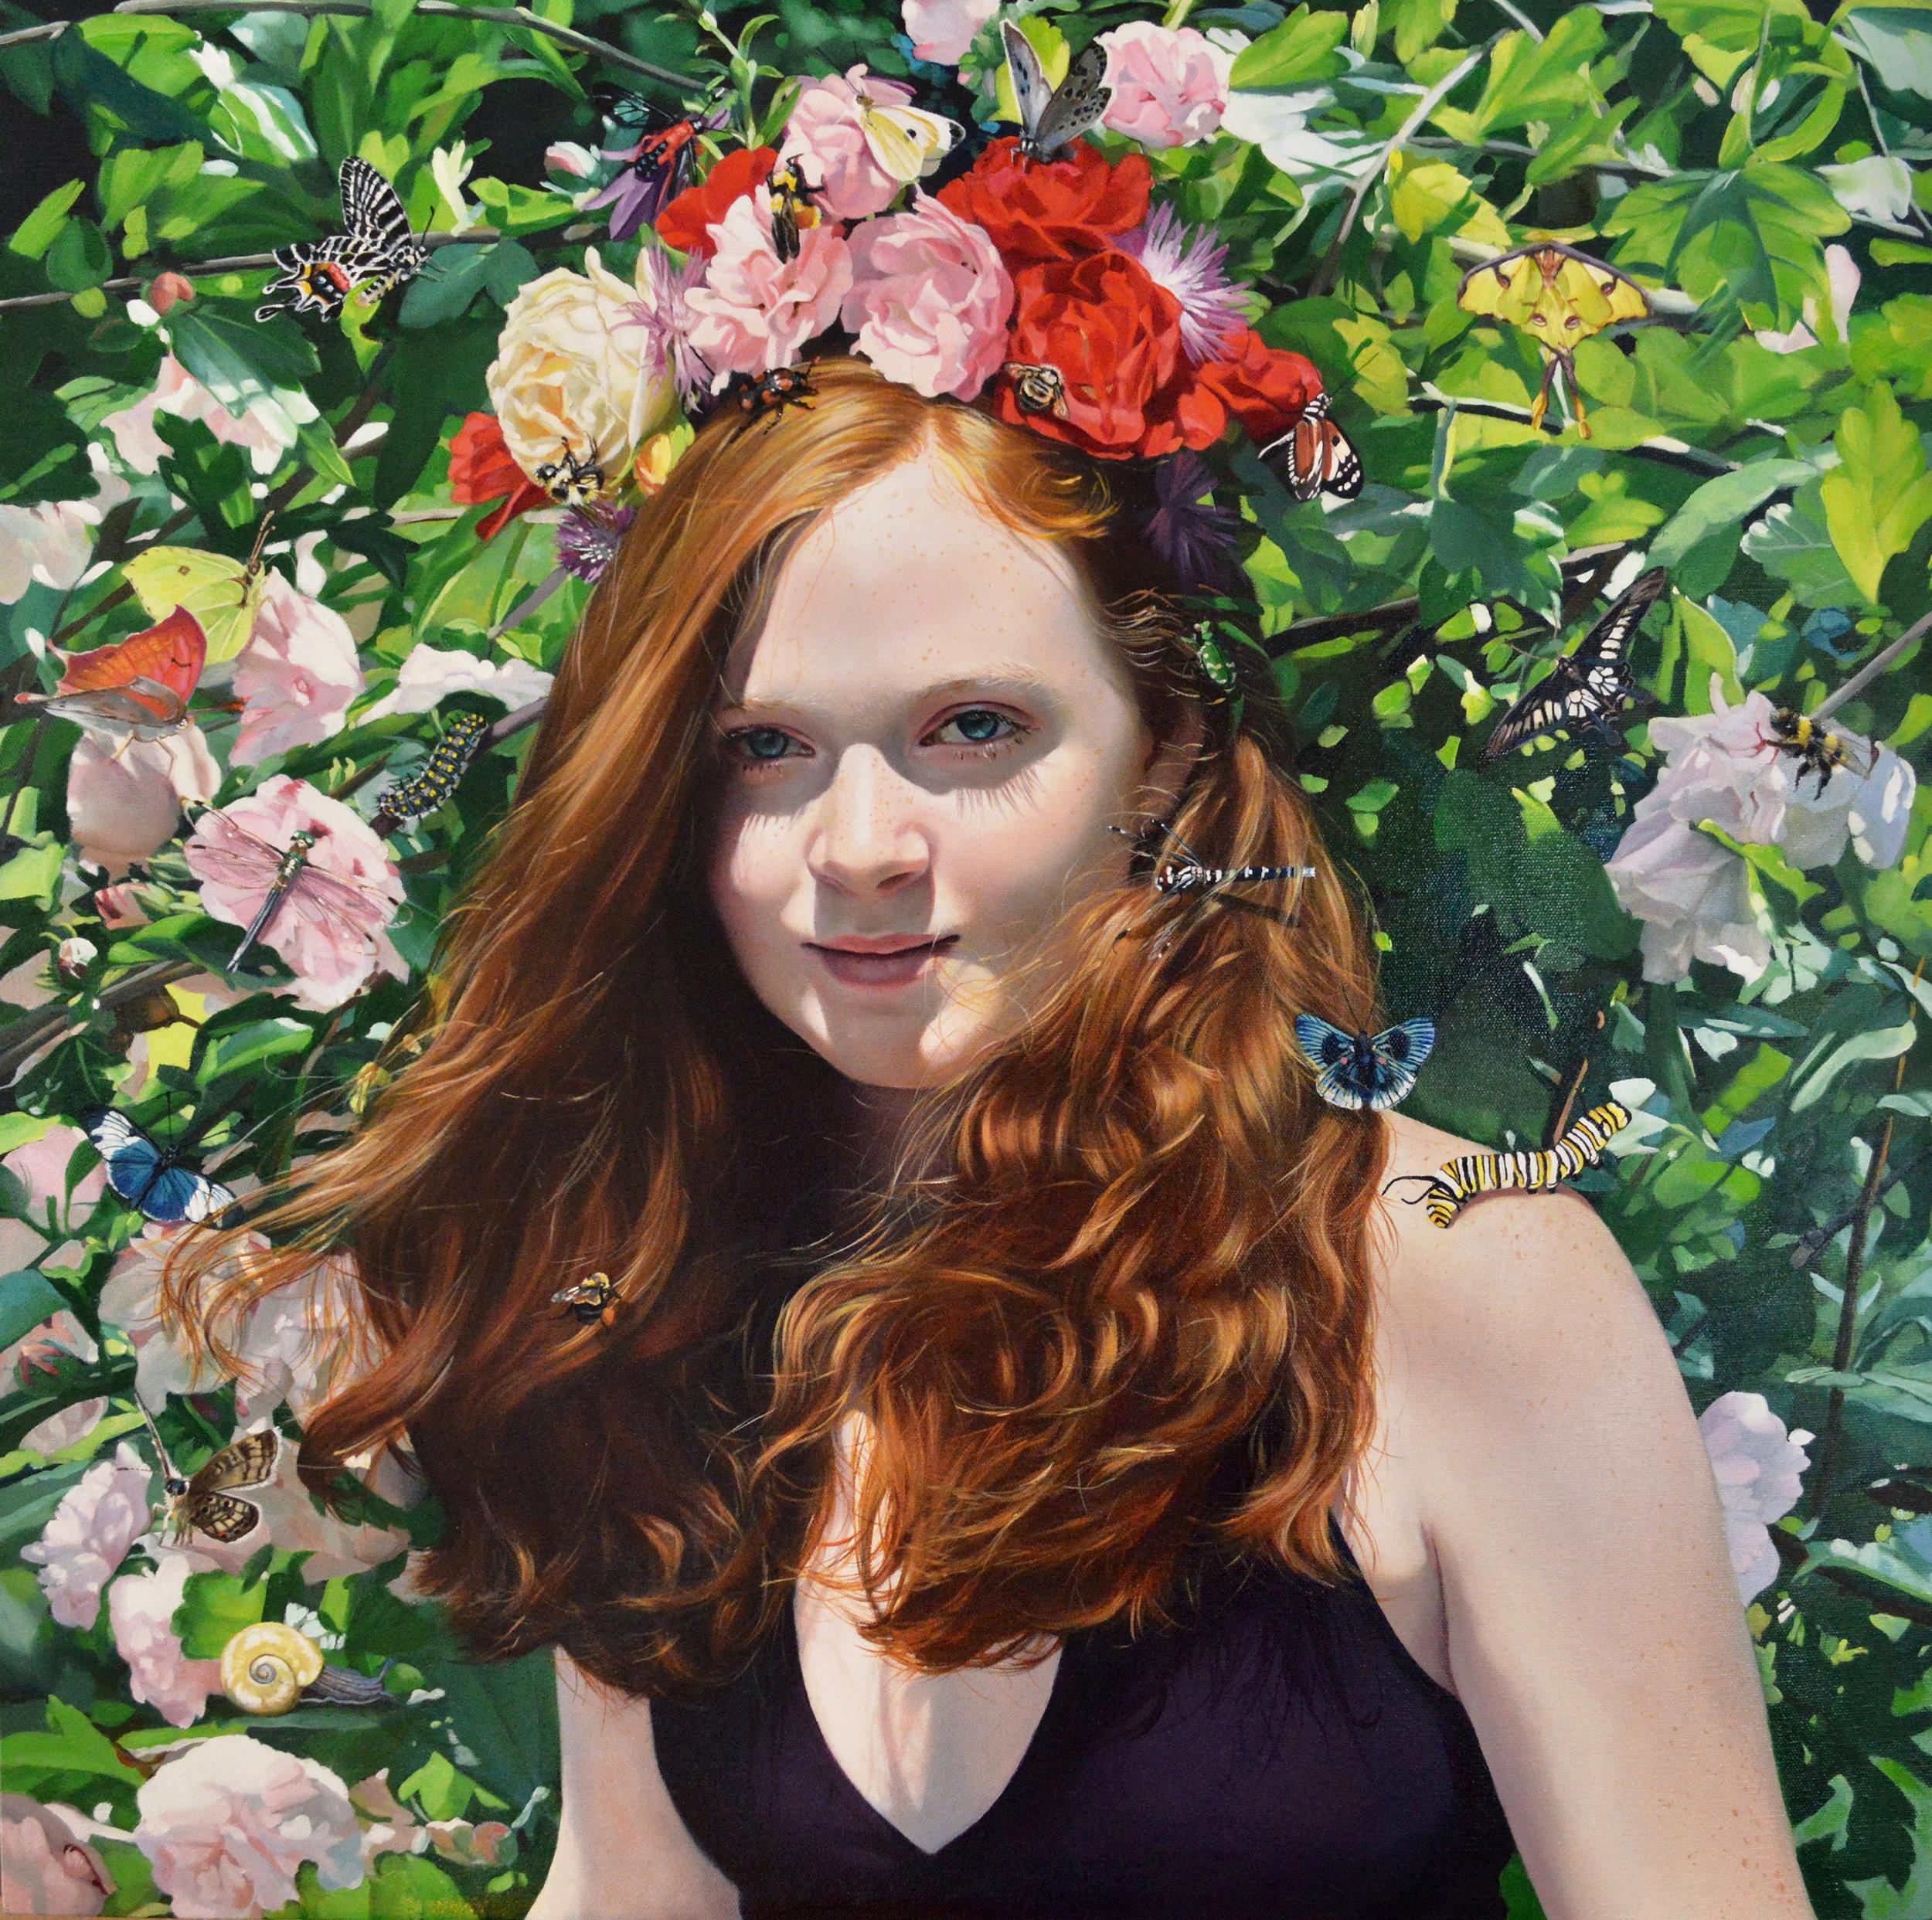 When she wears flowers in her hair.